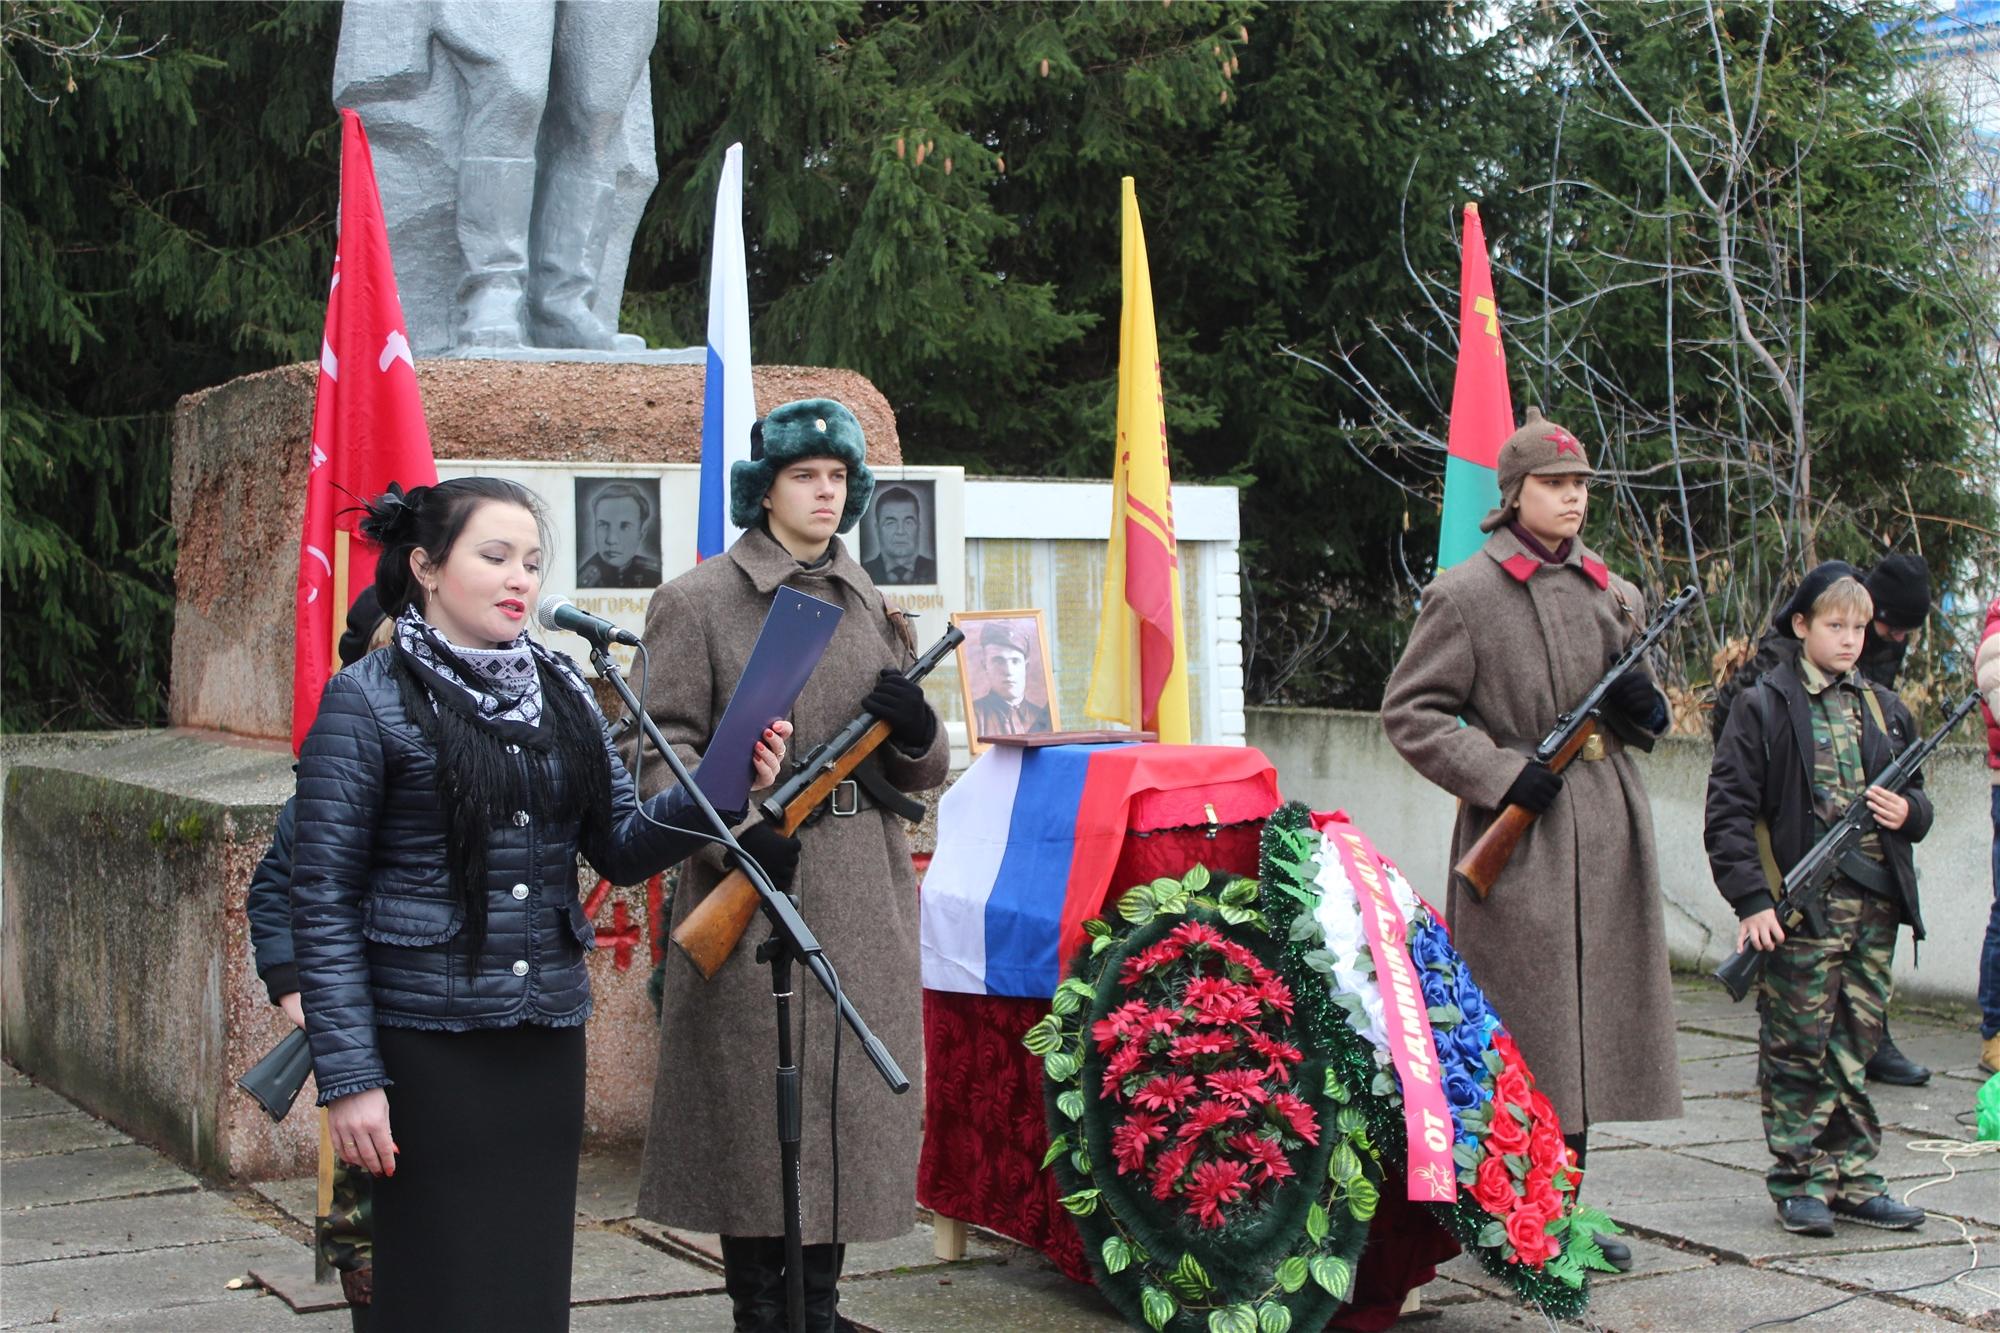 В Порецком районе прошла траурная церемония перезахоронения останков воина Василия Петровича Меньшова, погибшего в годы Великой Отечественной войны